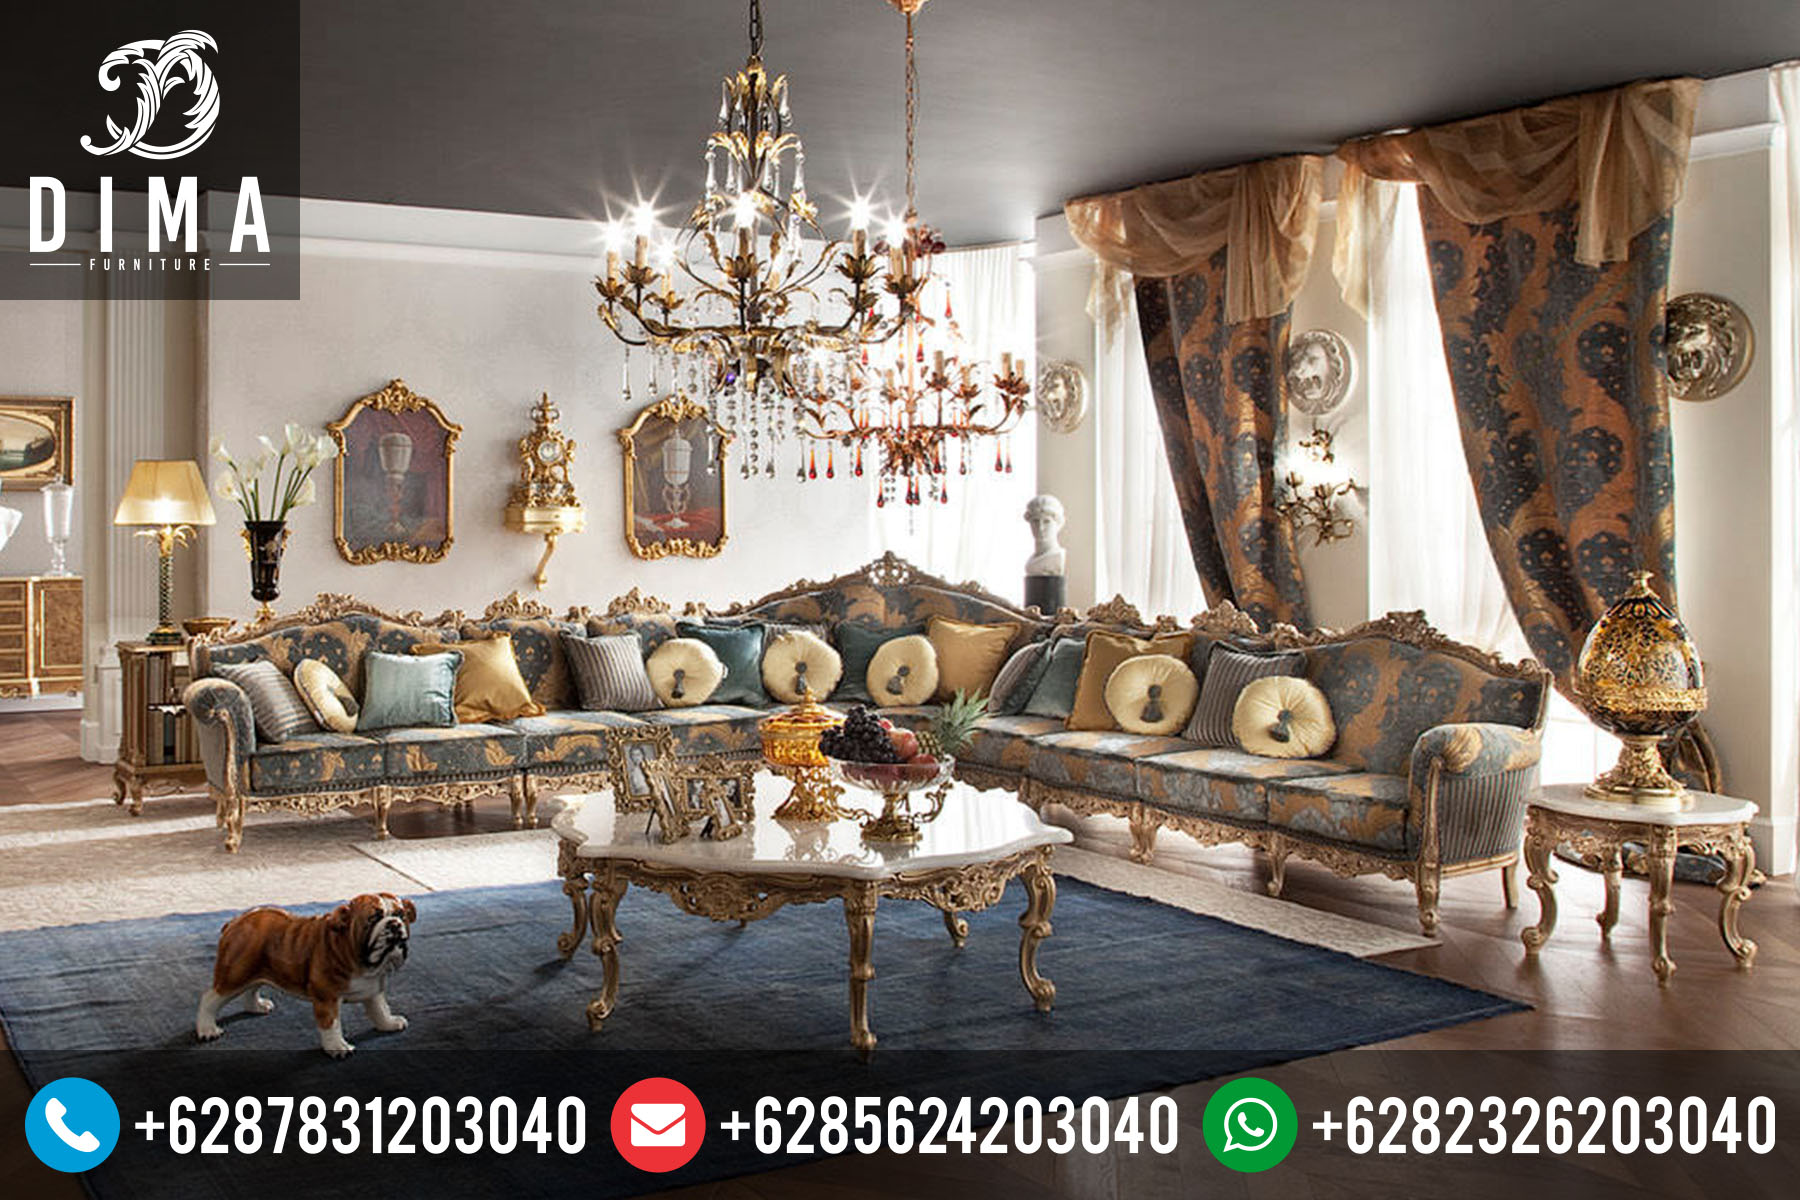 Set Kursi Sofa Tamu Mewah Klasik Sudut L Terbaru Murah ST-0063